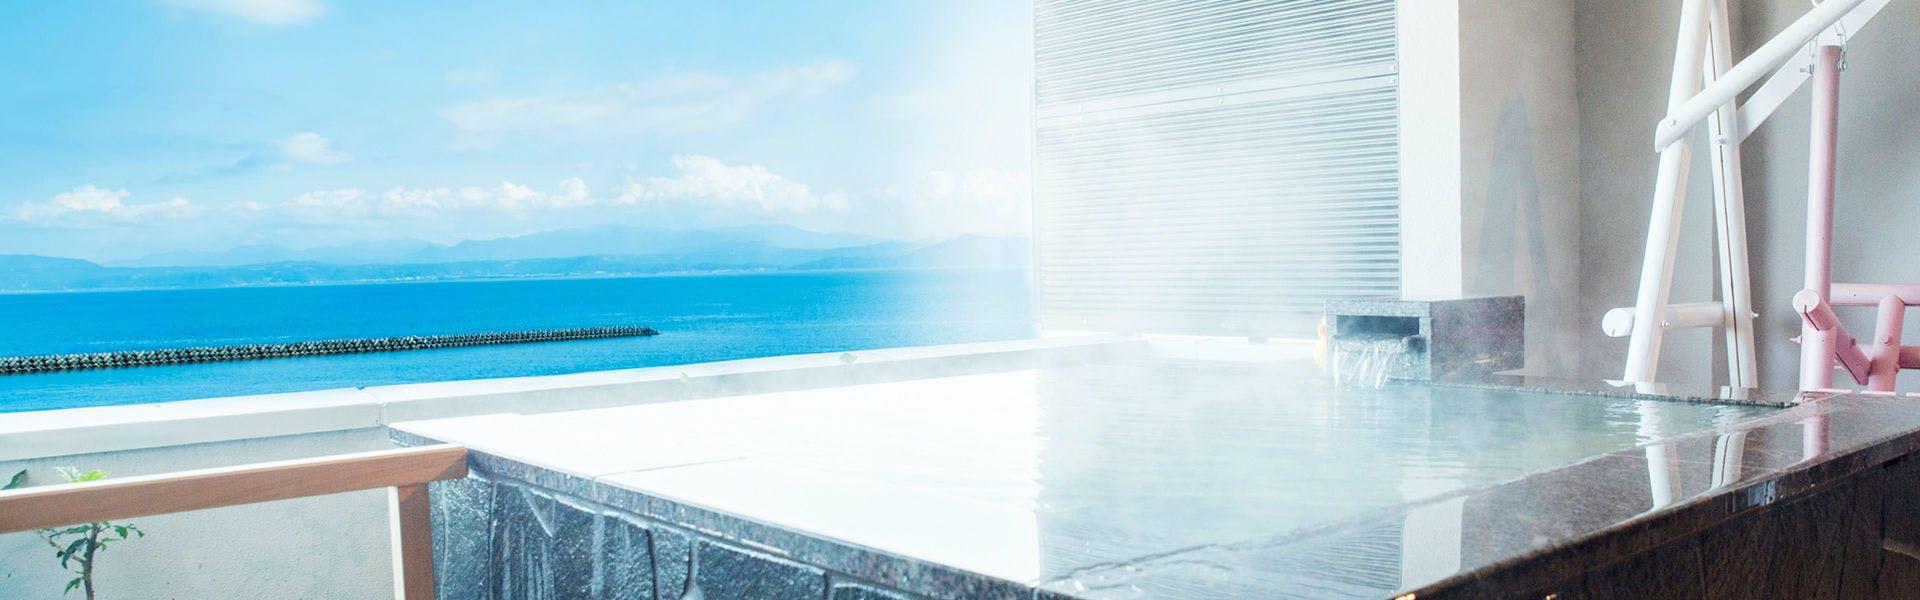 記念日におすすめのホテル・【夫婦露天風呂の宿 吟松】 の空室状況を確認するの写真2